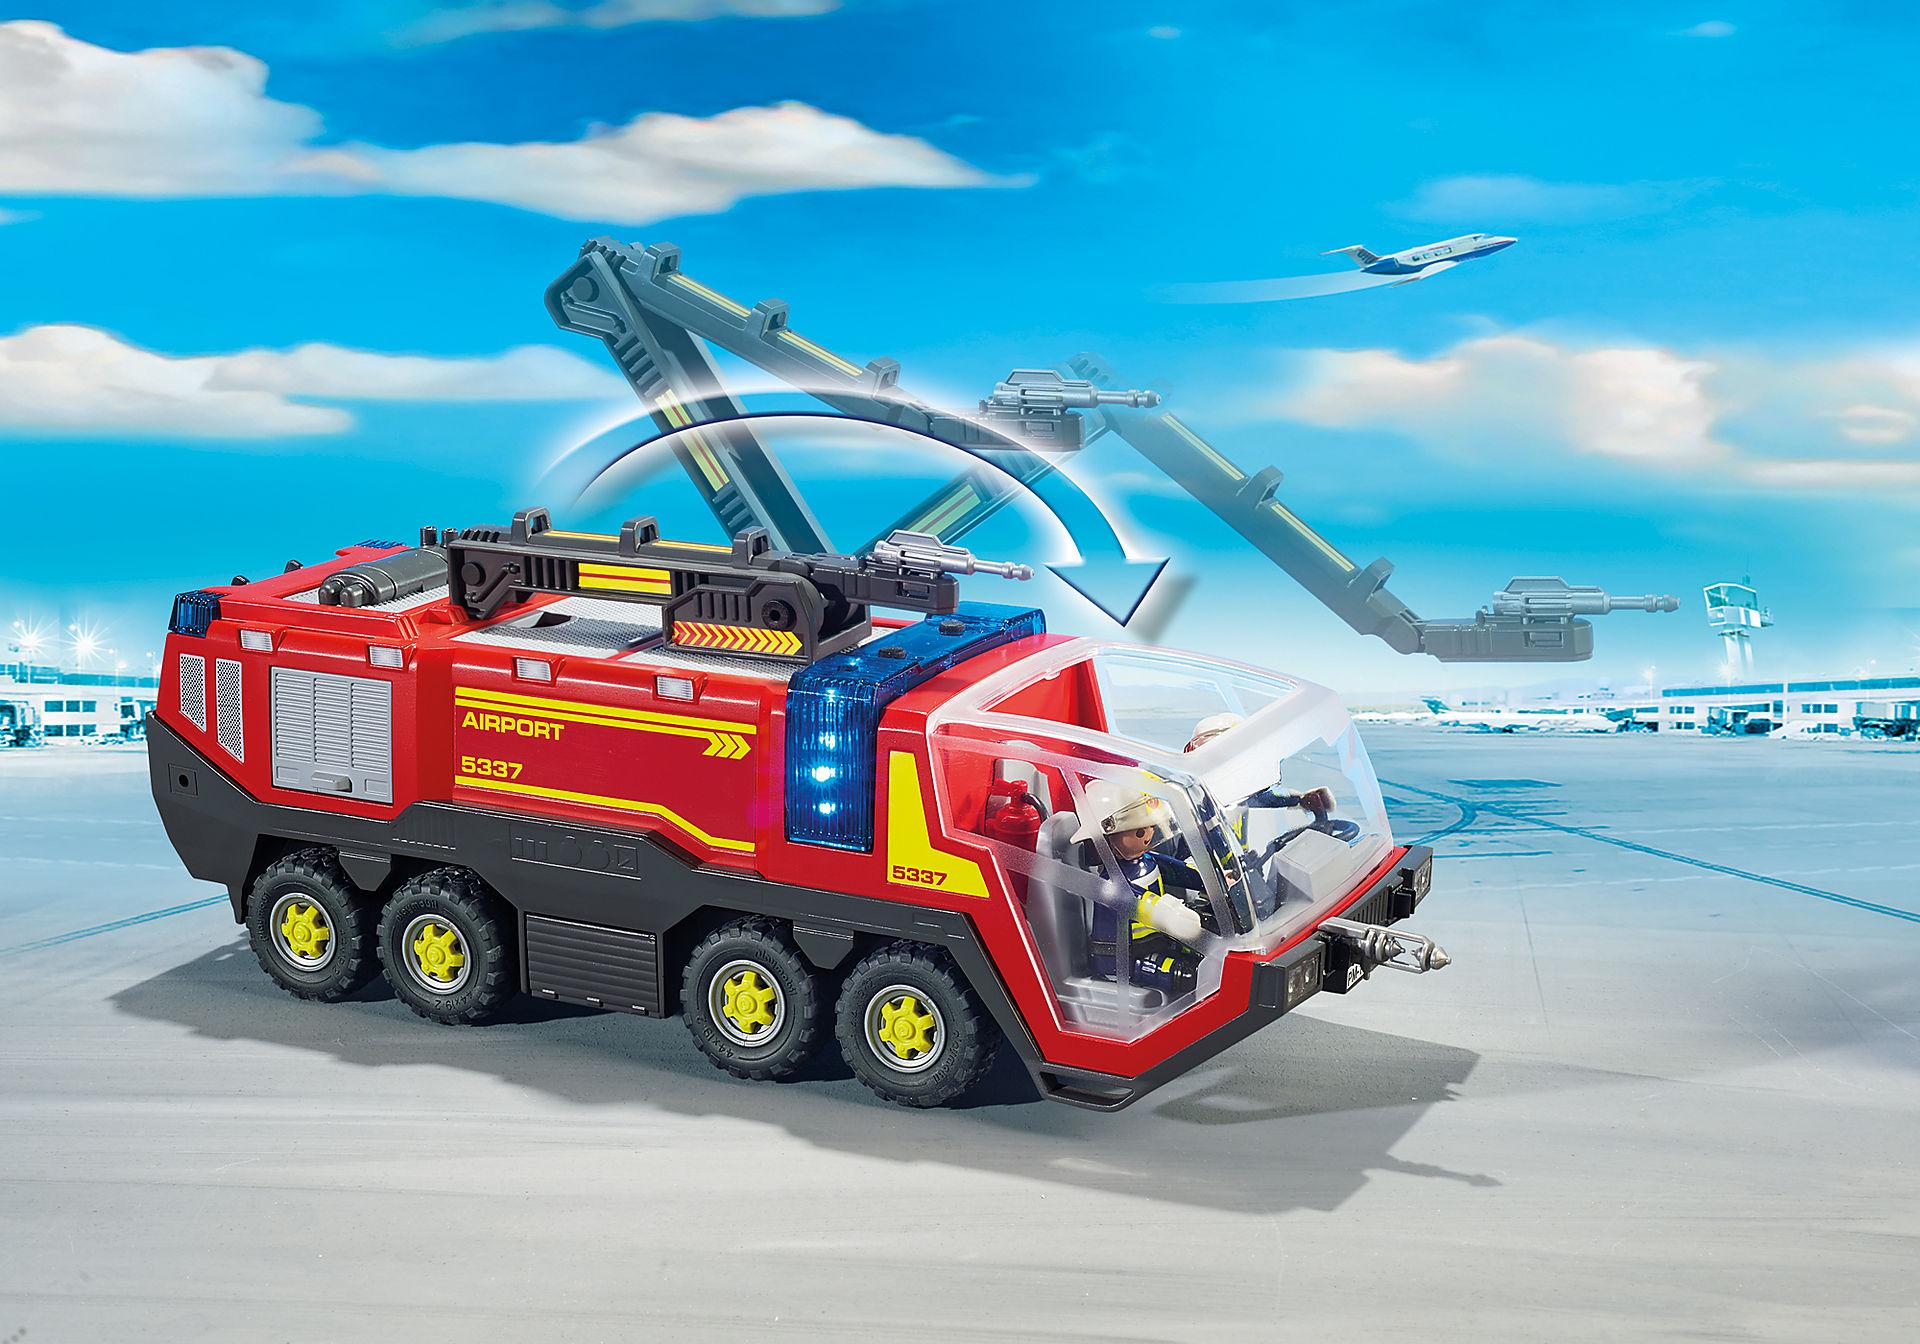 5337 Luchthavenbrandweer met licht en geluid zoom image8